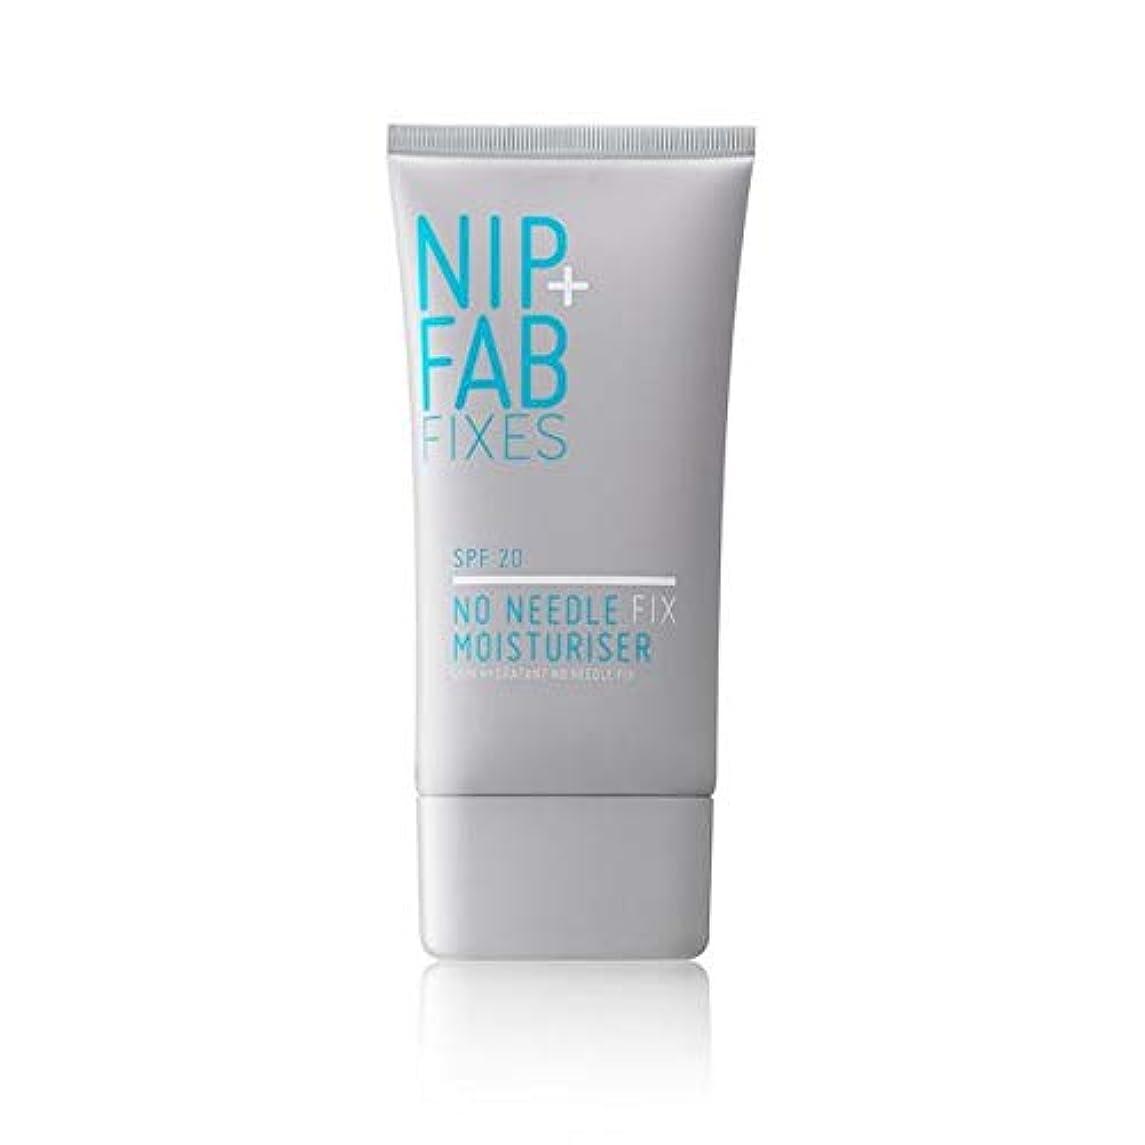 砲兵出します予測子[Nip & Fab ] + Fab無針修正Spf 20日クリーム40ミリリットルニップ - Nip+Fab No Needle Fix SPF 20 Day Cream 40ml [並行輸入品]